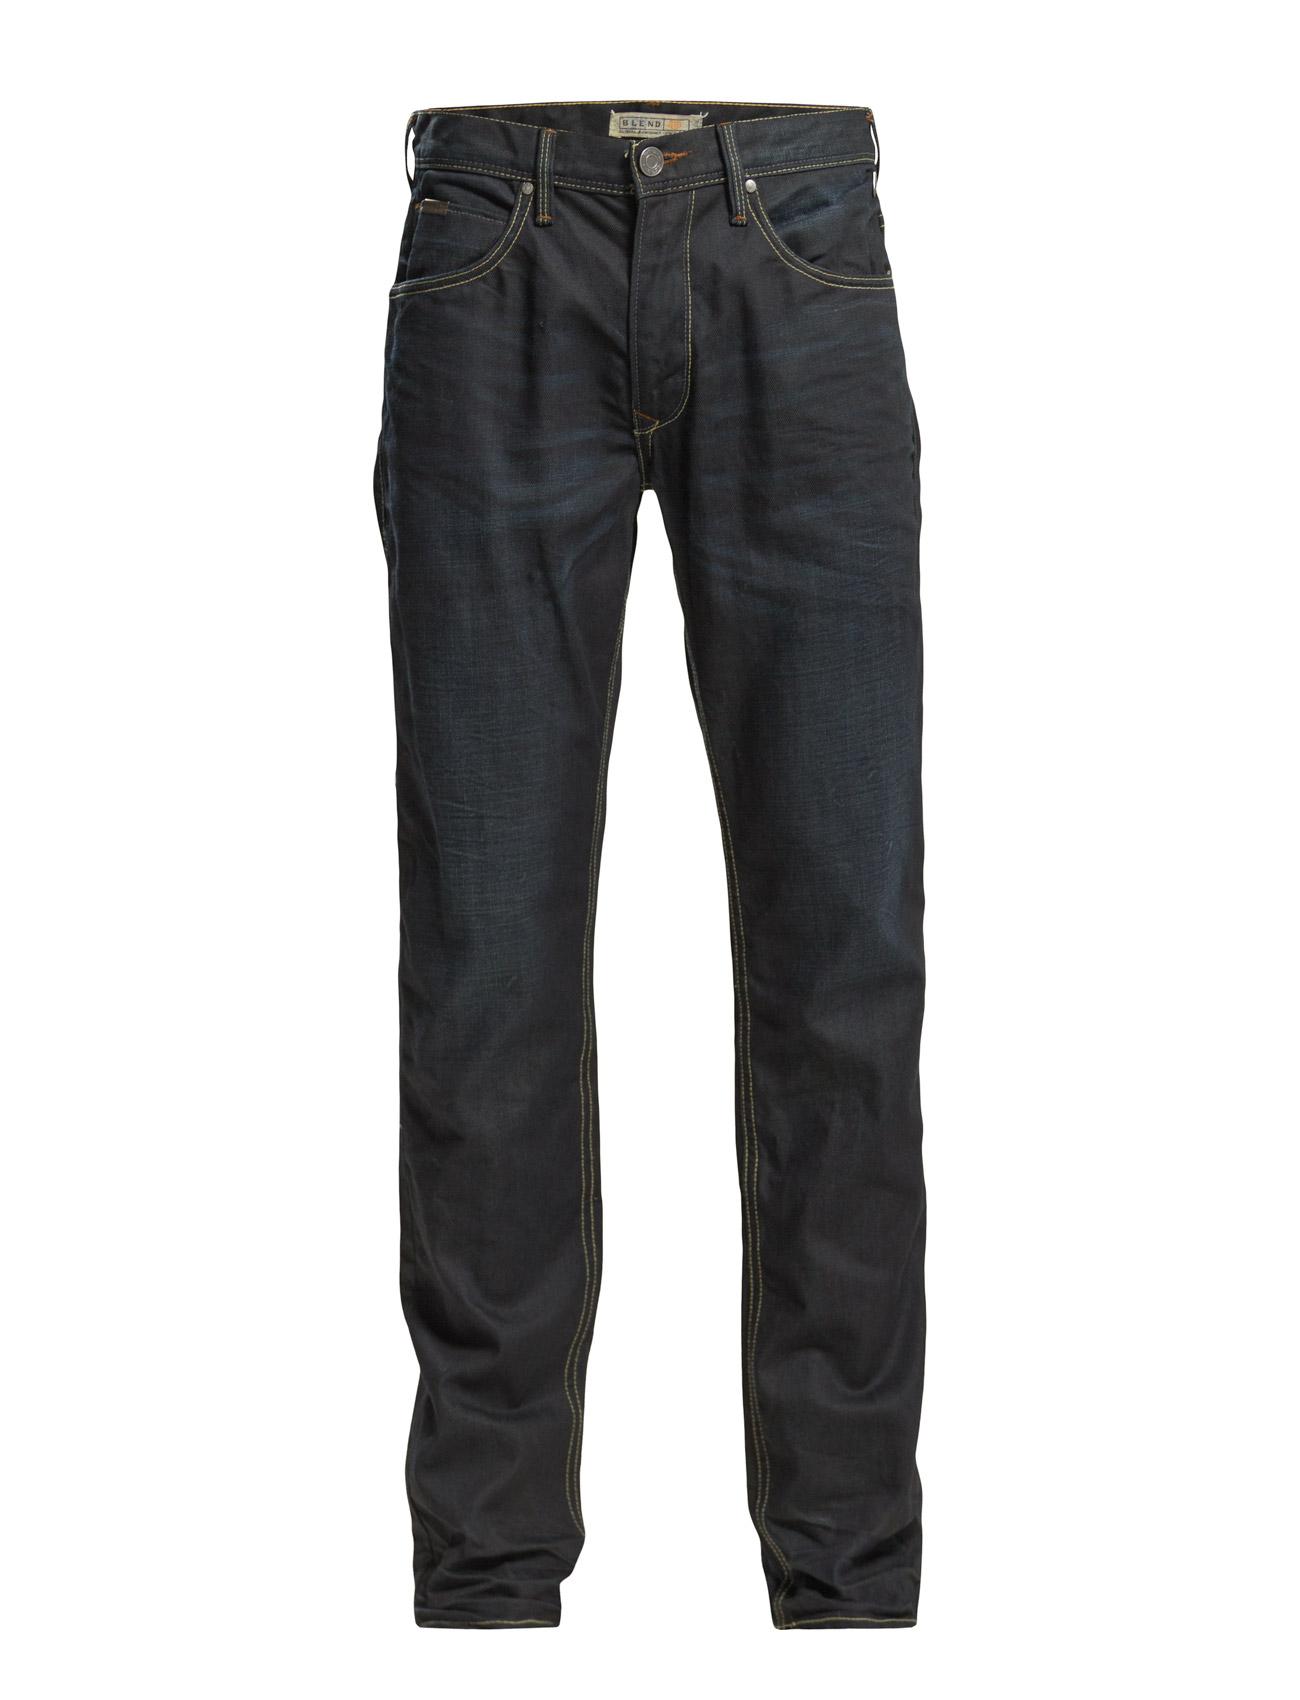 Jeans - Noos Rock Fit Blend Almindelig til Mænd i Klar blå